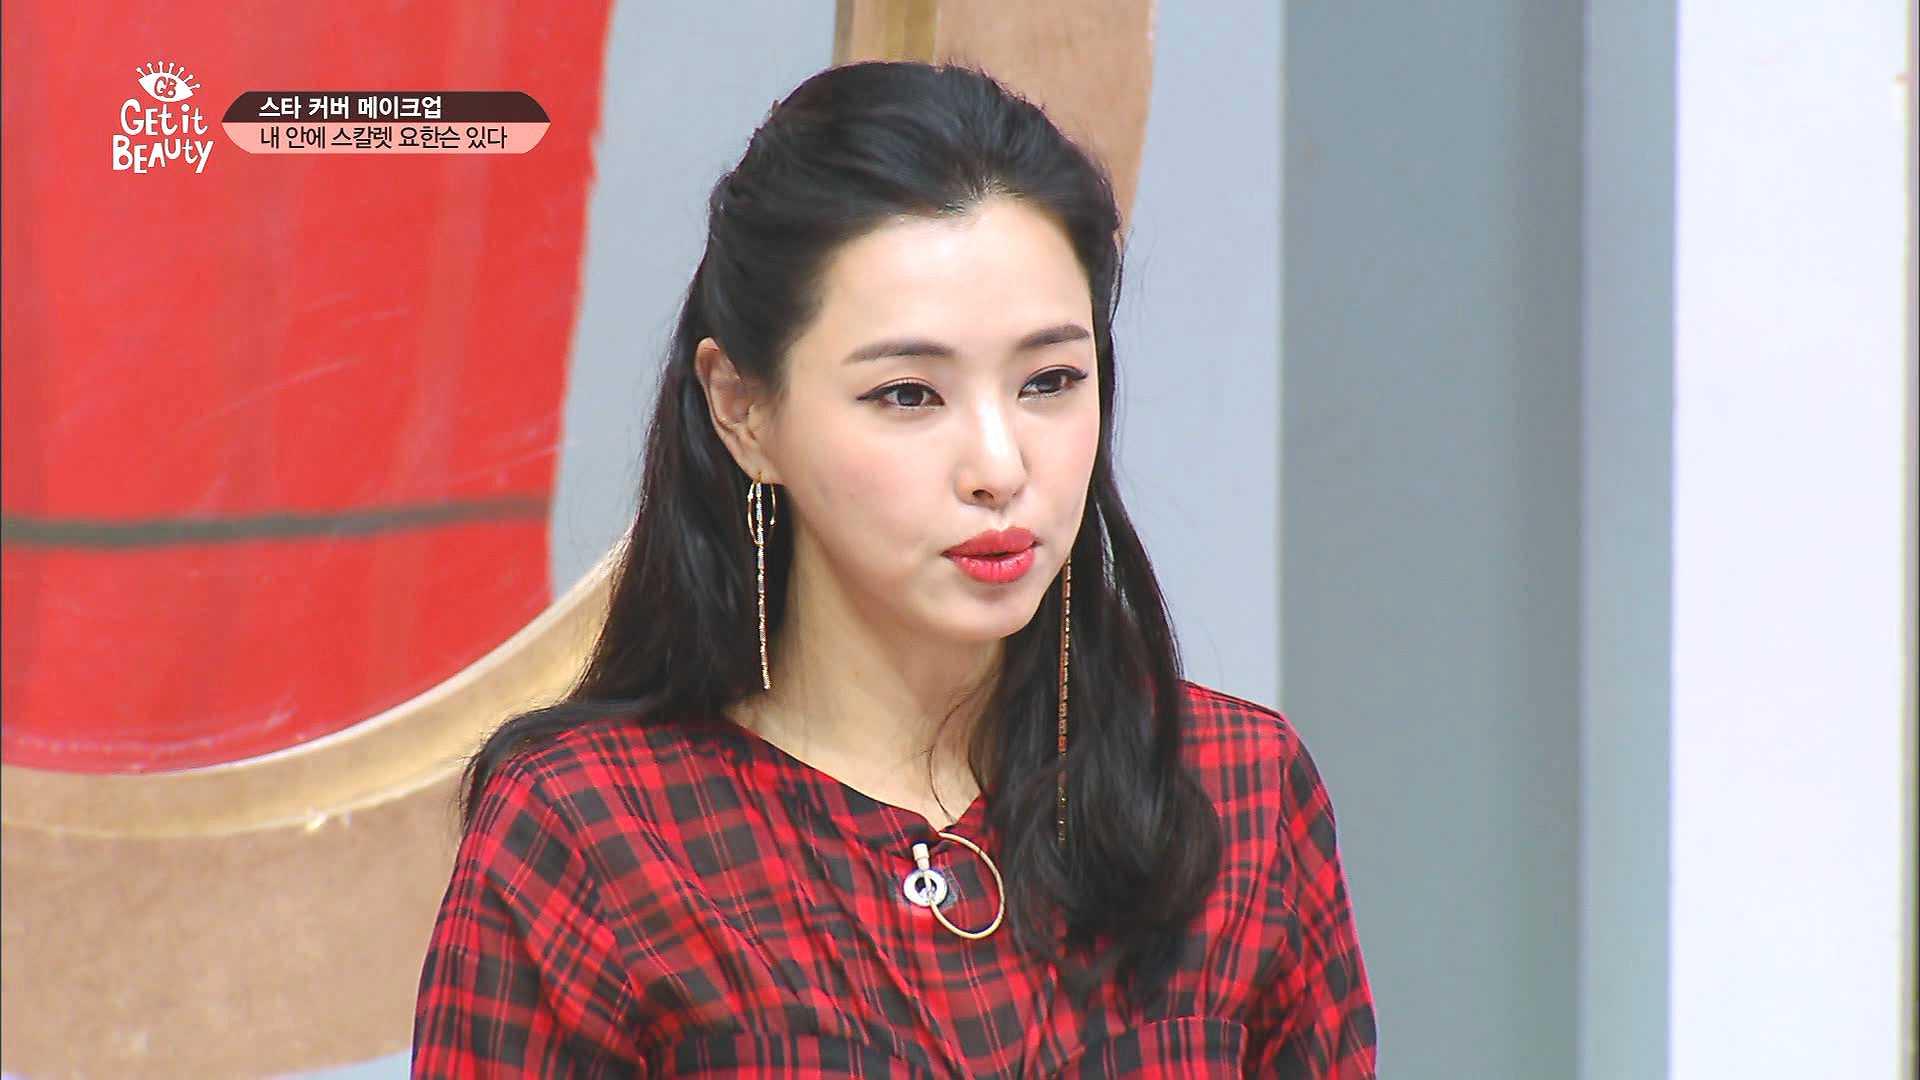 원피스 - 이자벨마랑 / 이어링 -넘버링 / 구두 - 트윙클제니